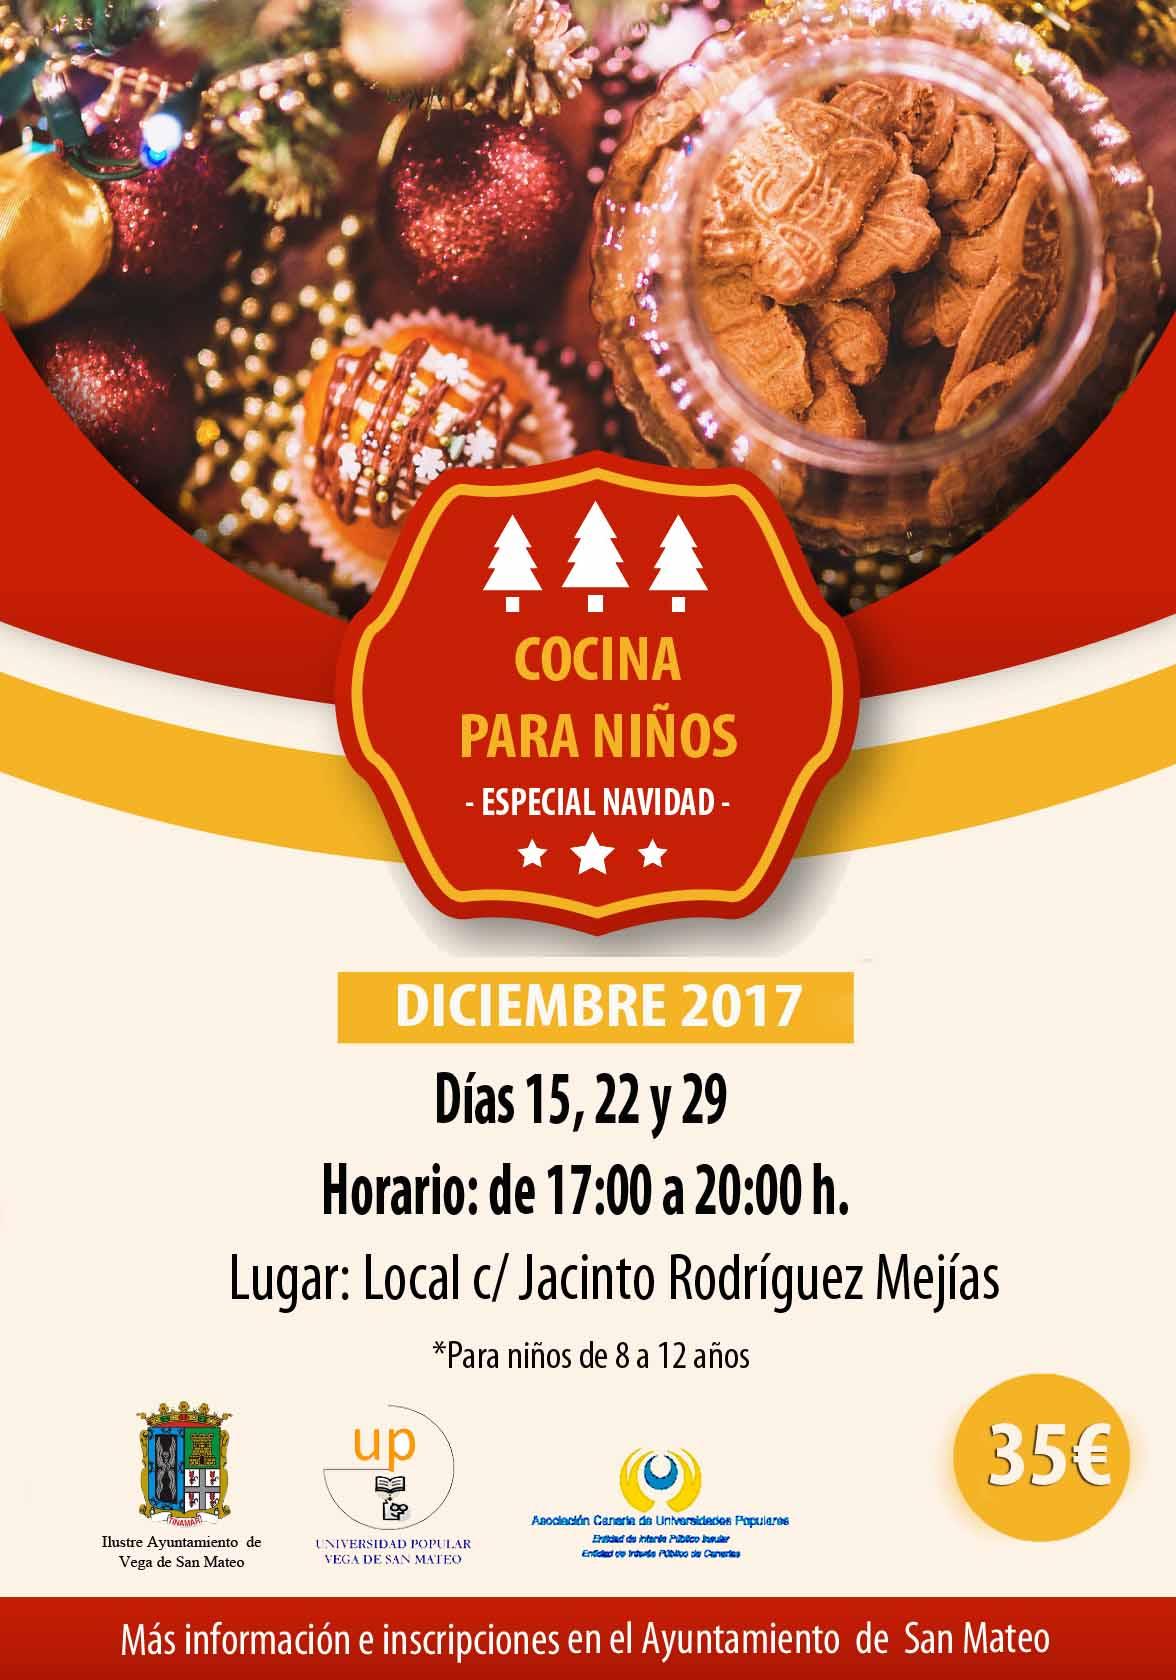 CURSO COCINA NAVIDAD SAN MATEO WEB